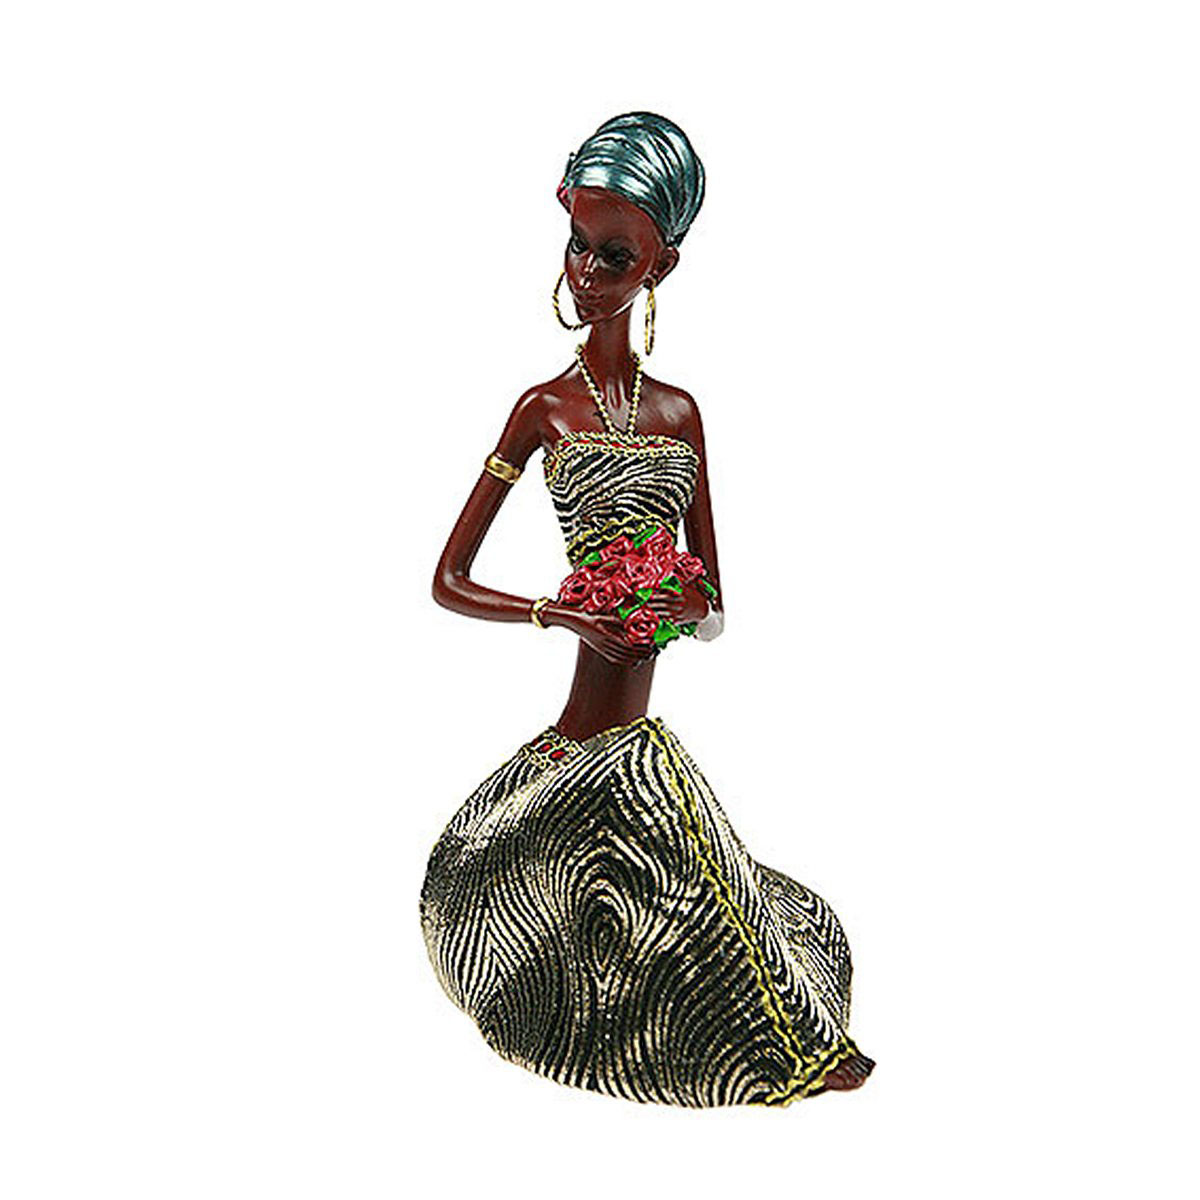 Статуэтка Русские Подарки Африканка, 11 х 15 х 24 см74-0120Статуэтка Русские Подарки Африканка, изготовленная из полистоуна, имеет изысканный внешний вид. Изделие станет прекрасным украшением интерьера гостиной, офиса или дома. Вы можете поставить статуэтку в любое место, где она будет удачно смотреться и радовать глаз. Правила ухода: регулярно вытирать пыль сухой, мягкой тканью.